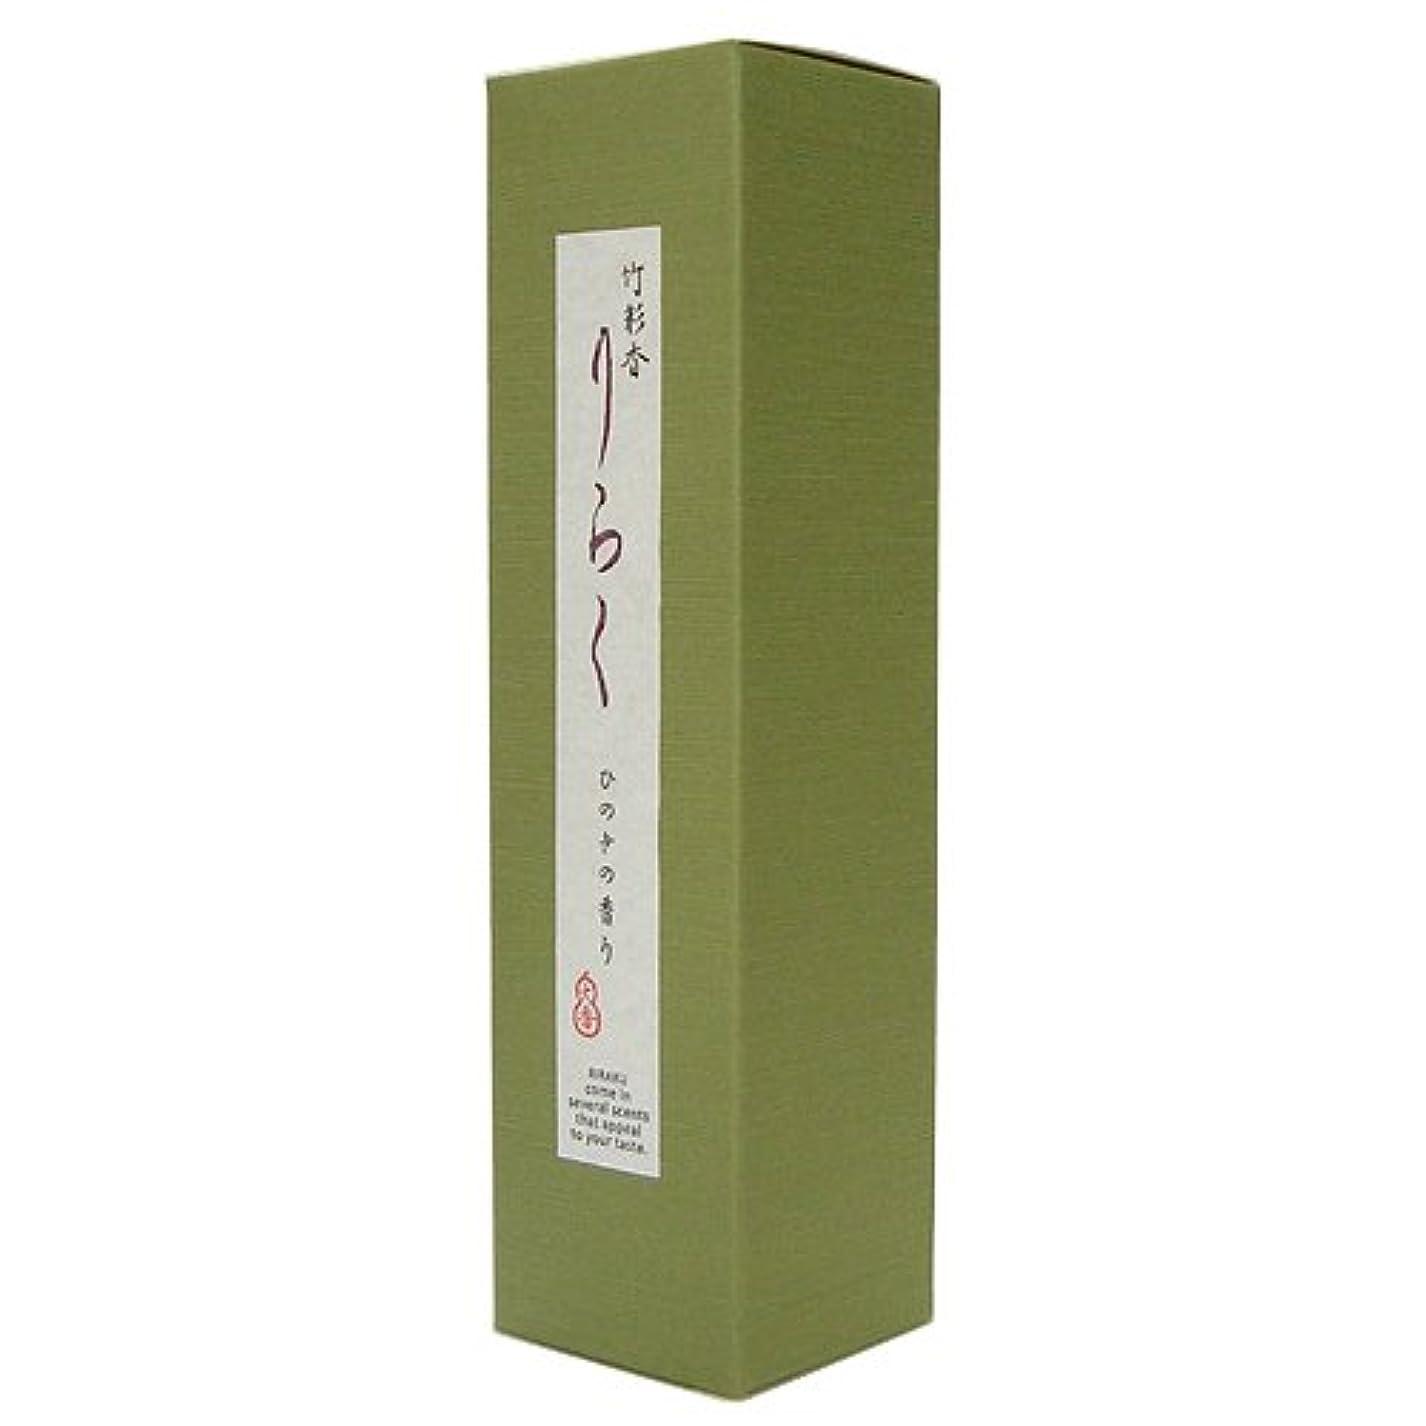 素子渇き増強竹彩香りらくひのき 50ml